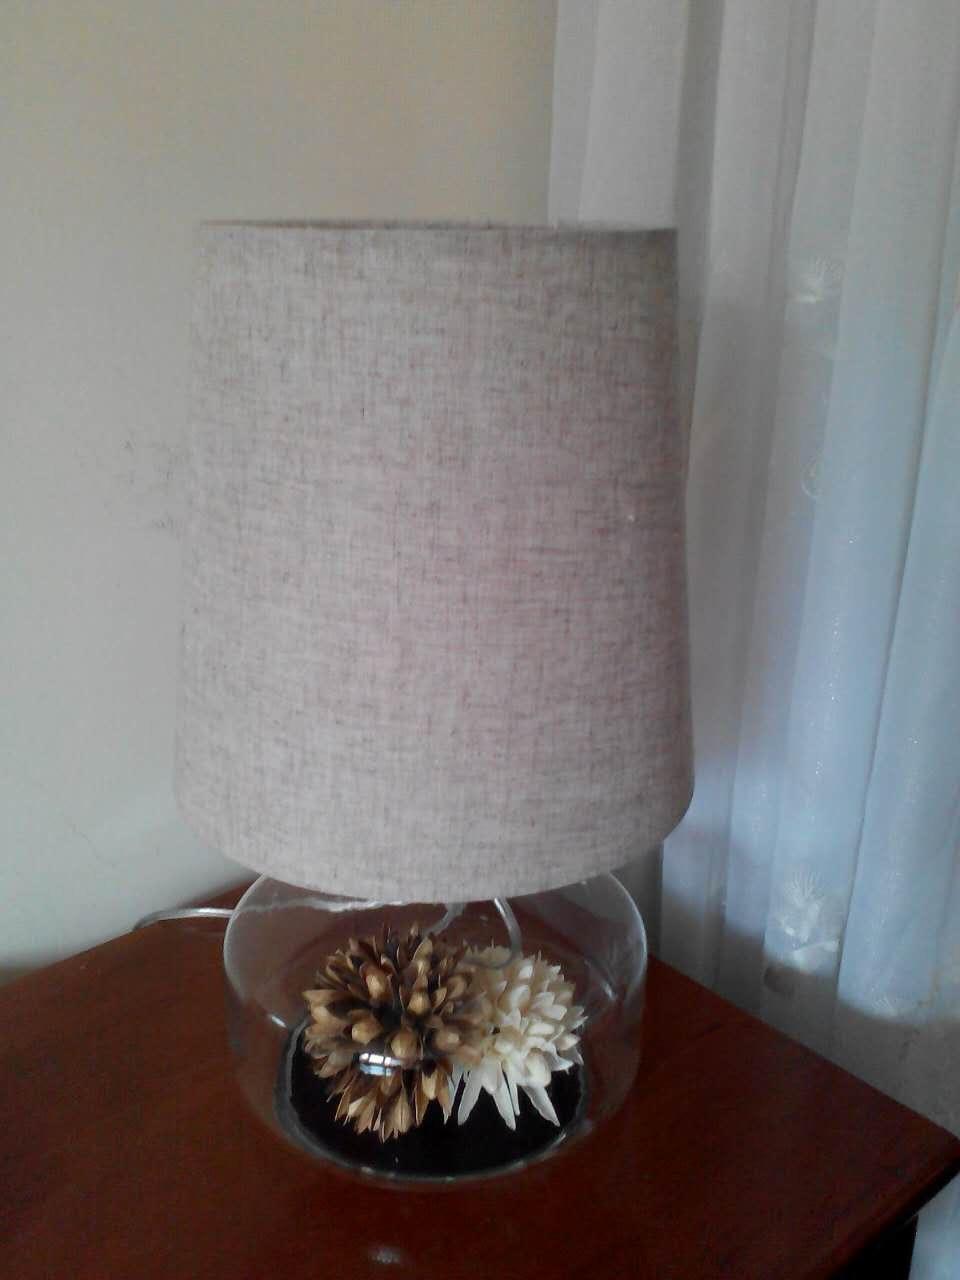 Le vieil homme à la maison pour acheter ce soir, assez de luminosité, l\'apparence de l\'atmosphère, de nouveau, la source de lumière de bonne qualité, il convient d\'acheter une lampe! 6 airmax97 0921155 shop